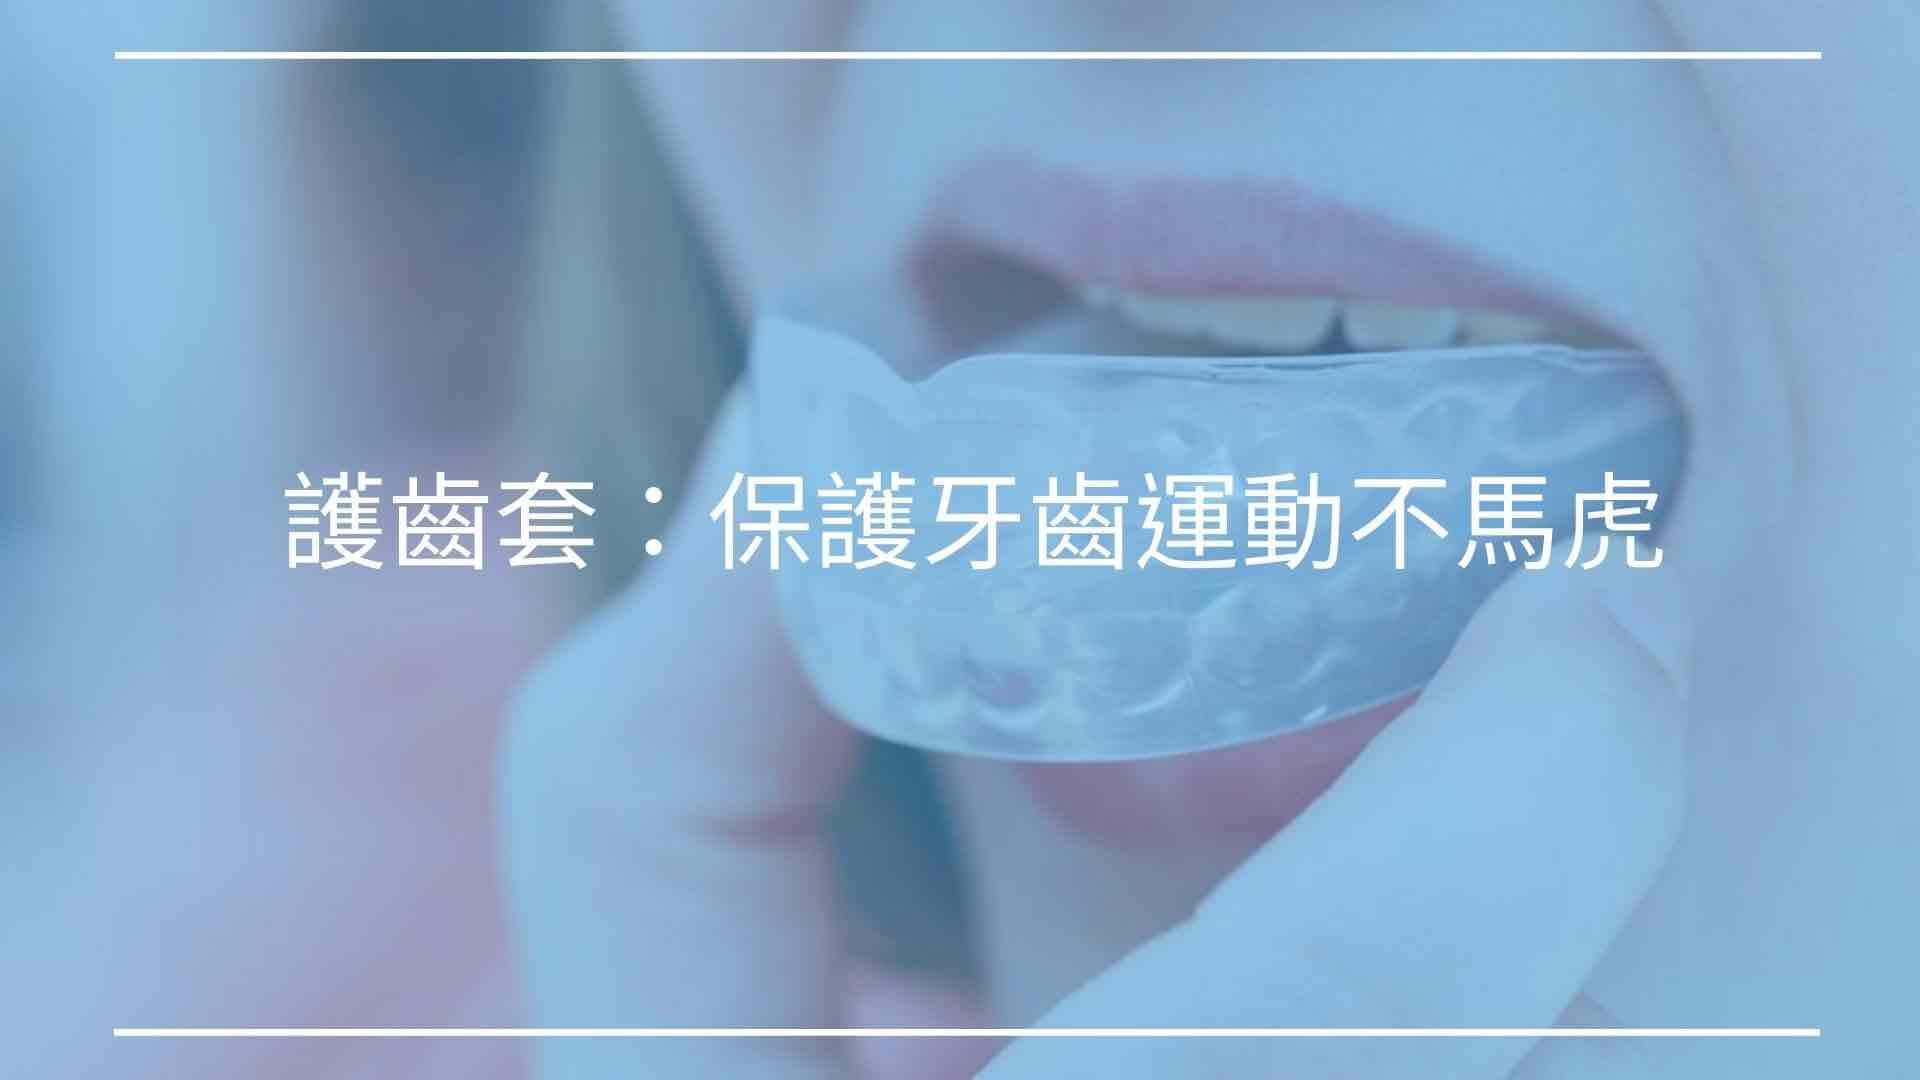 護齒套:購買與安全使用保護牙齒運動不馬虎